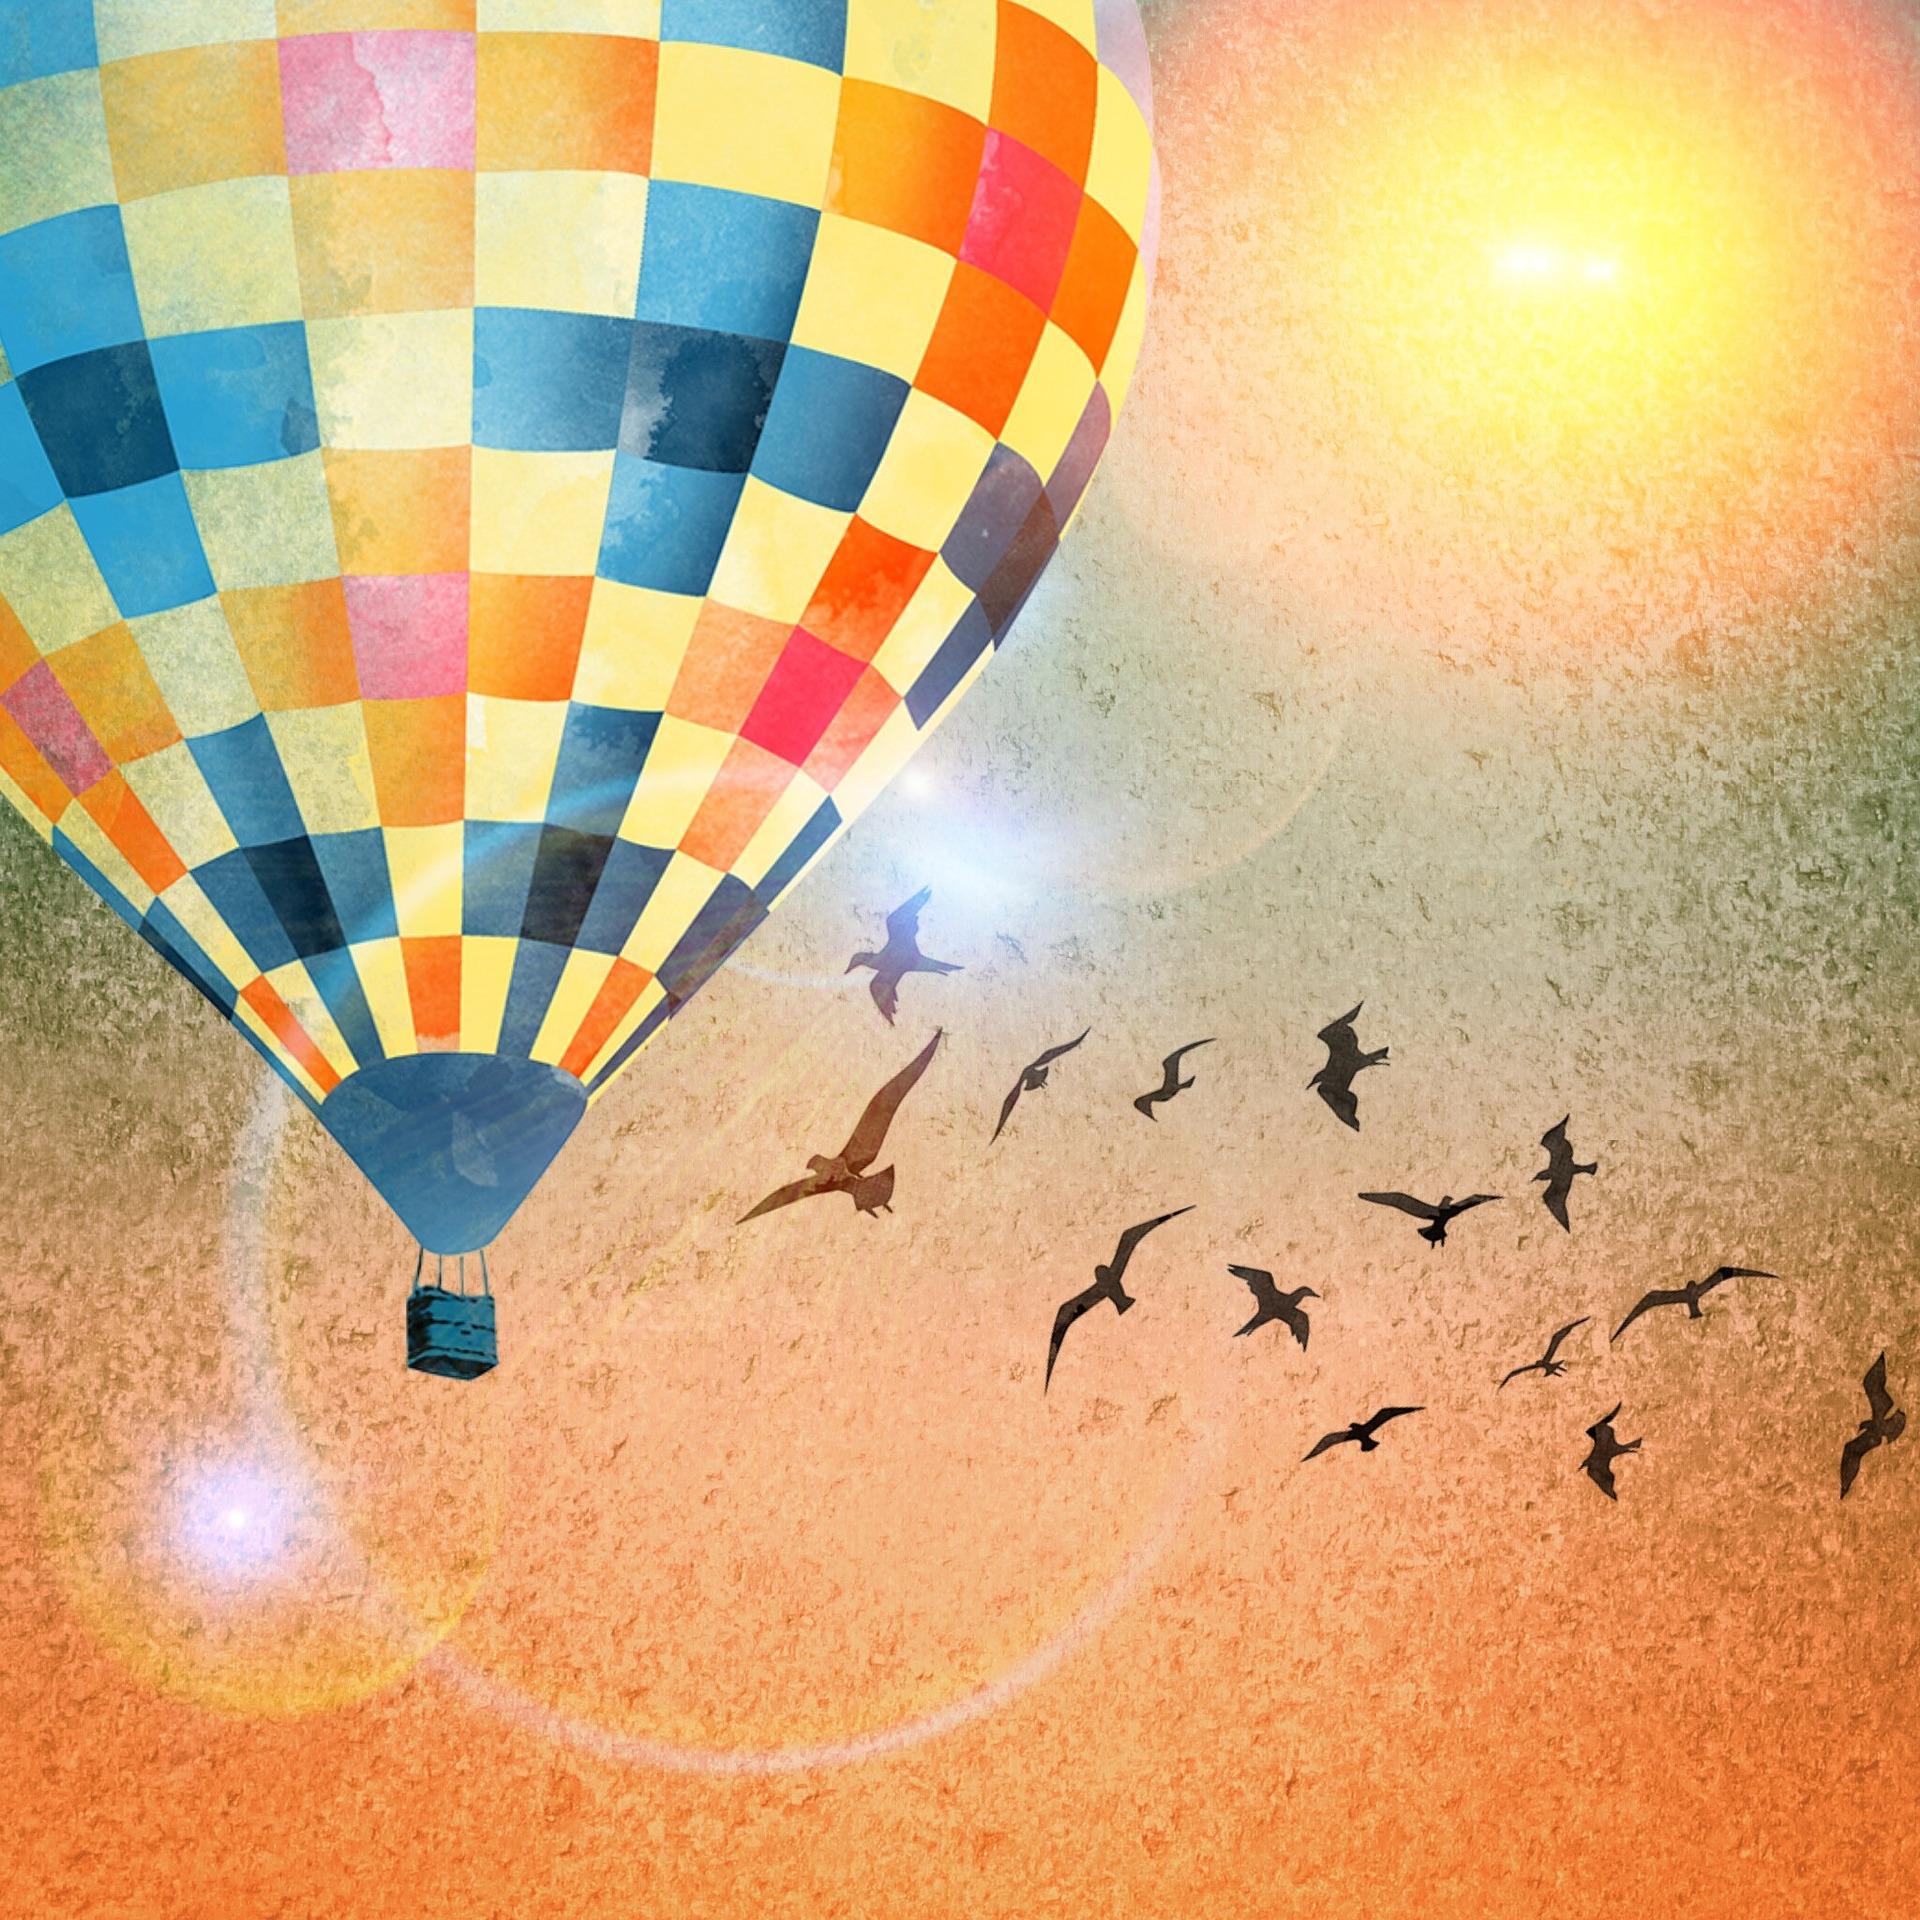 ballons-937930_1920.jpg